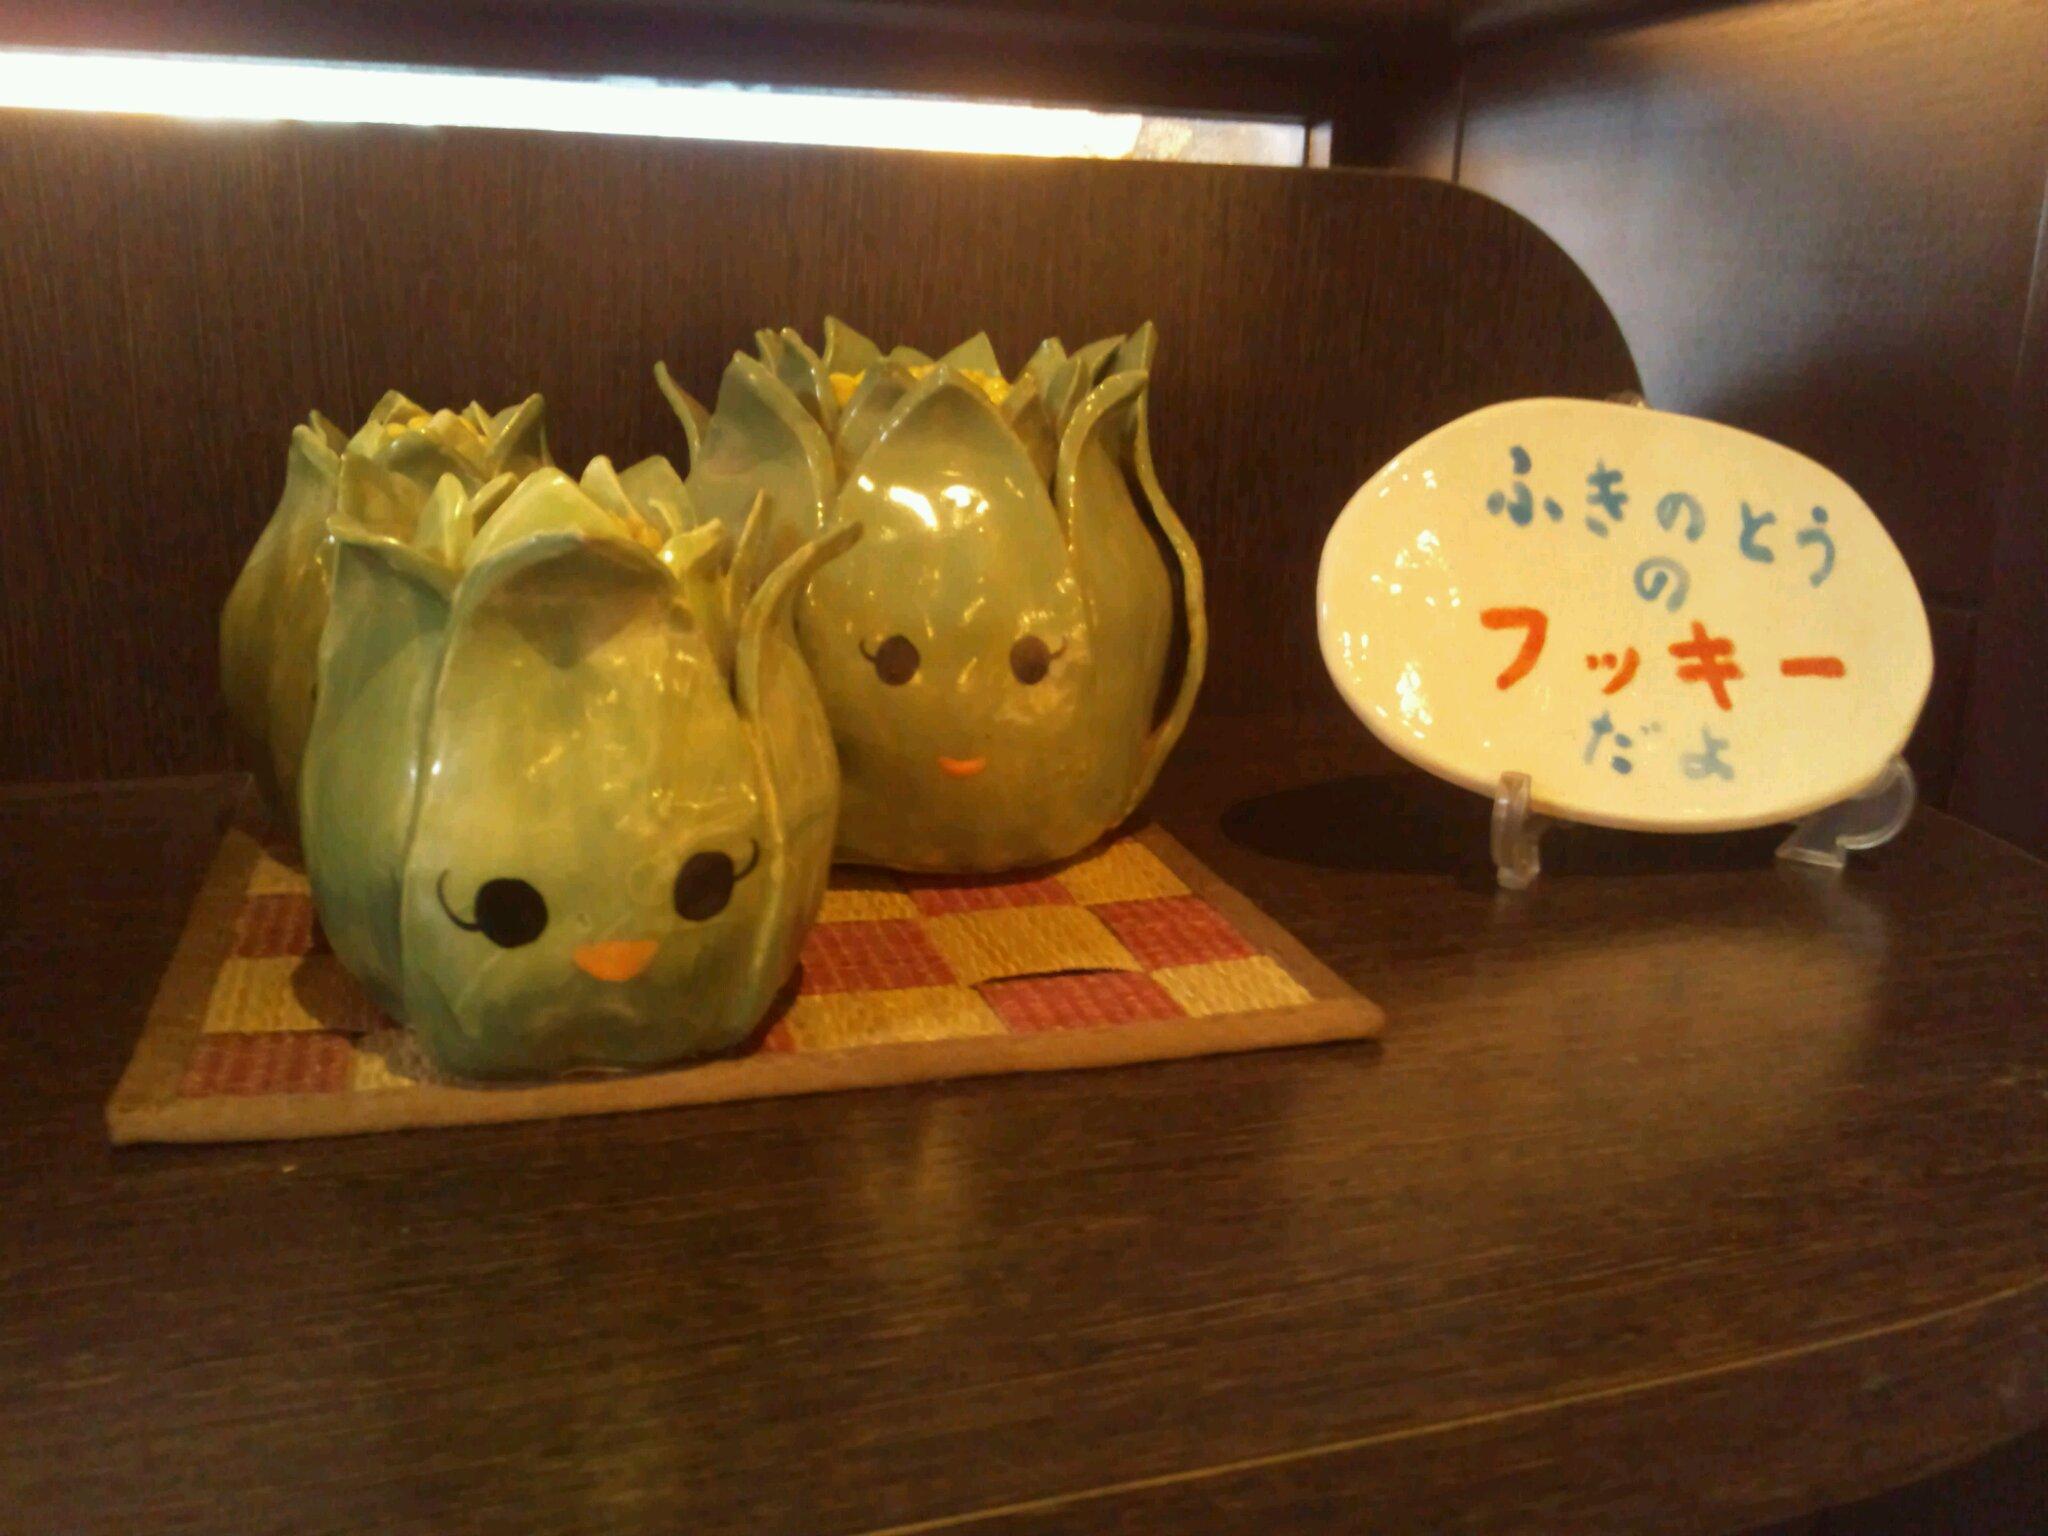 イワサキ高松店近隣ランチ情報 : 自然彩食ふきのとう(高松東バイパス店)_b0163075_19413256.jpg